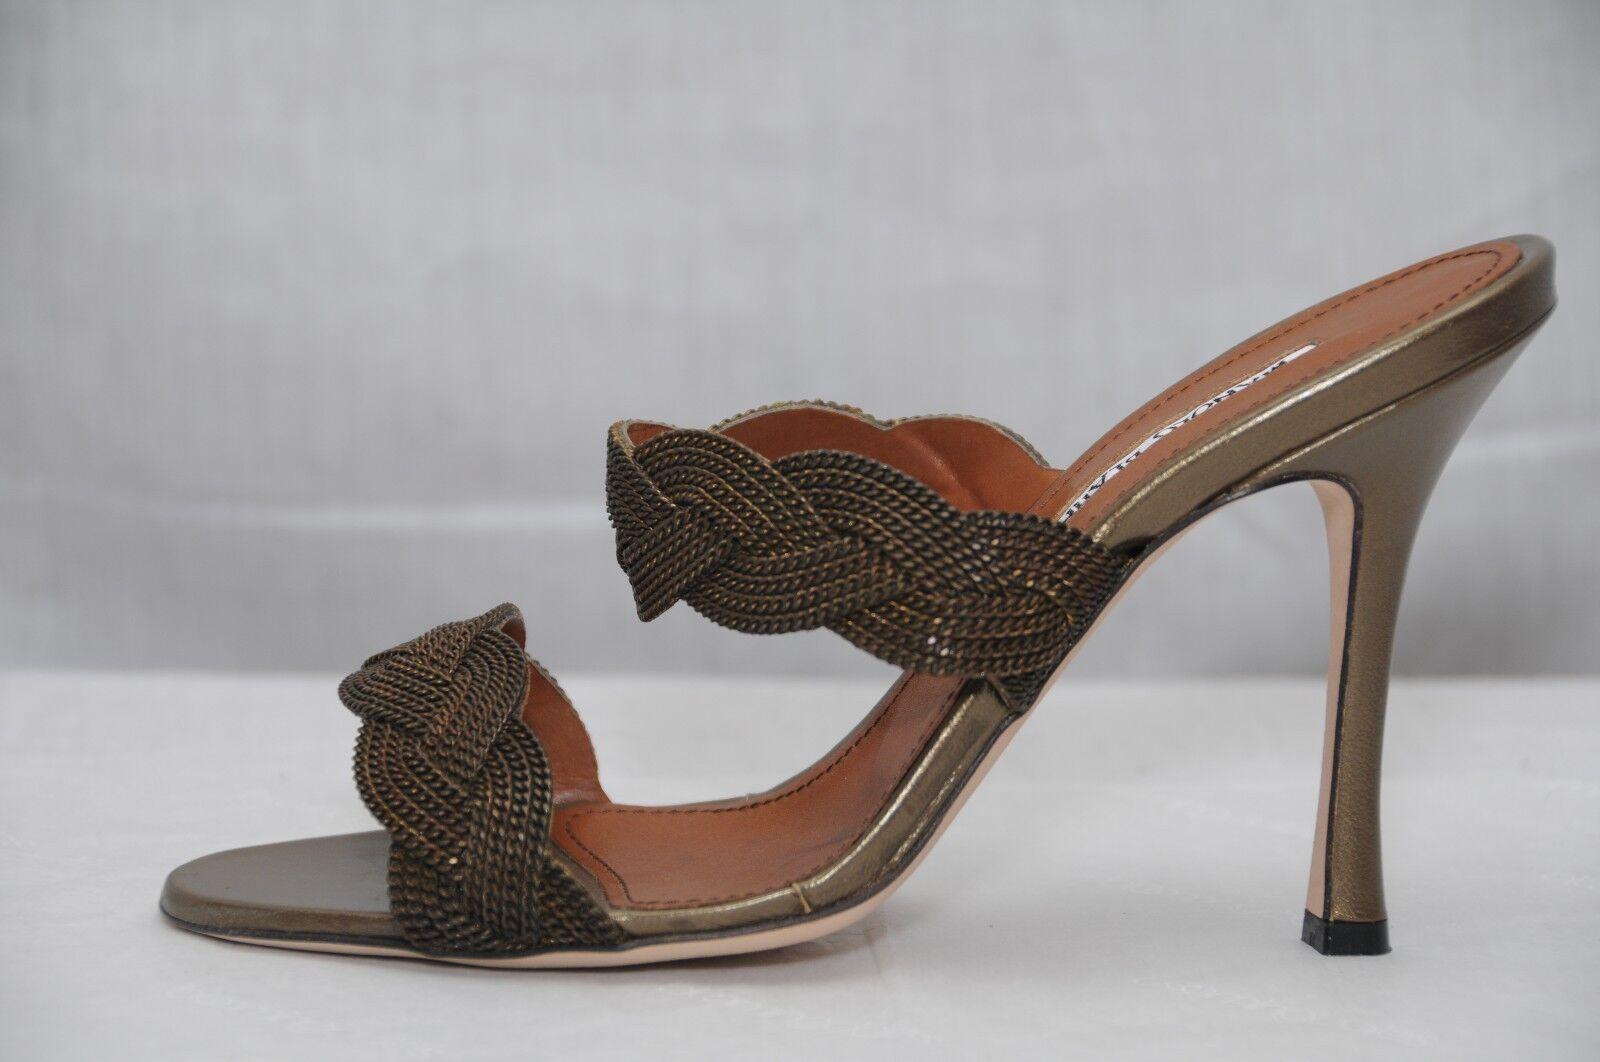 1390 NUOVO MANOLO BLOHNIK Slide SANDALS METAL BRONZE scarpe 37 38.5 39 39.5 40  negozio all'ingrosso